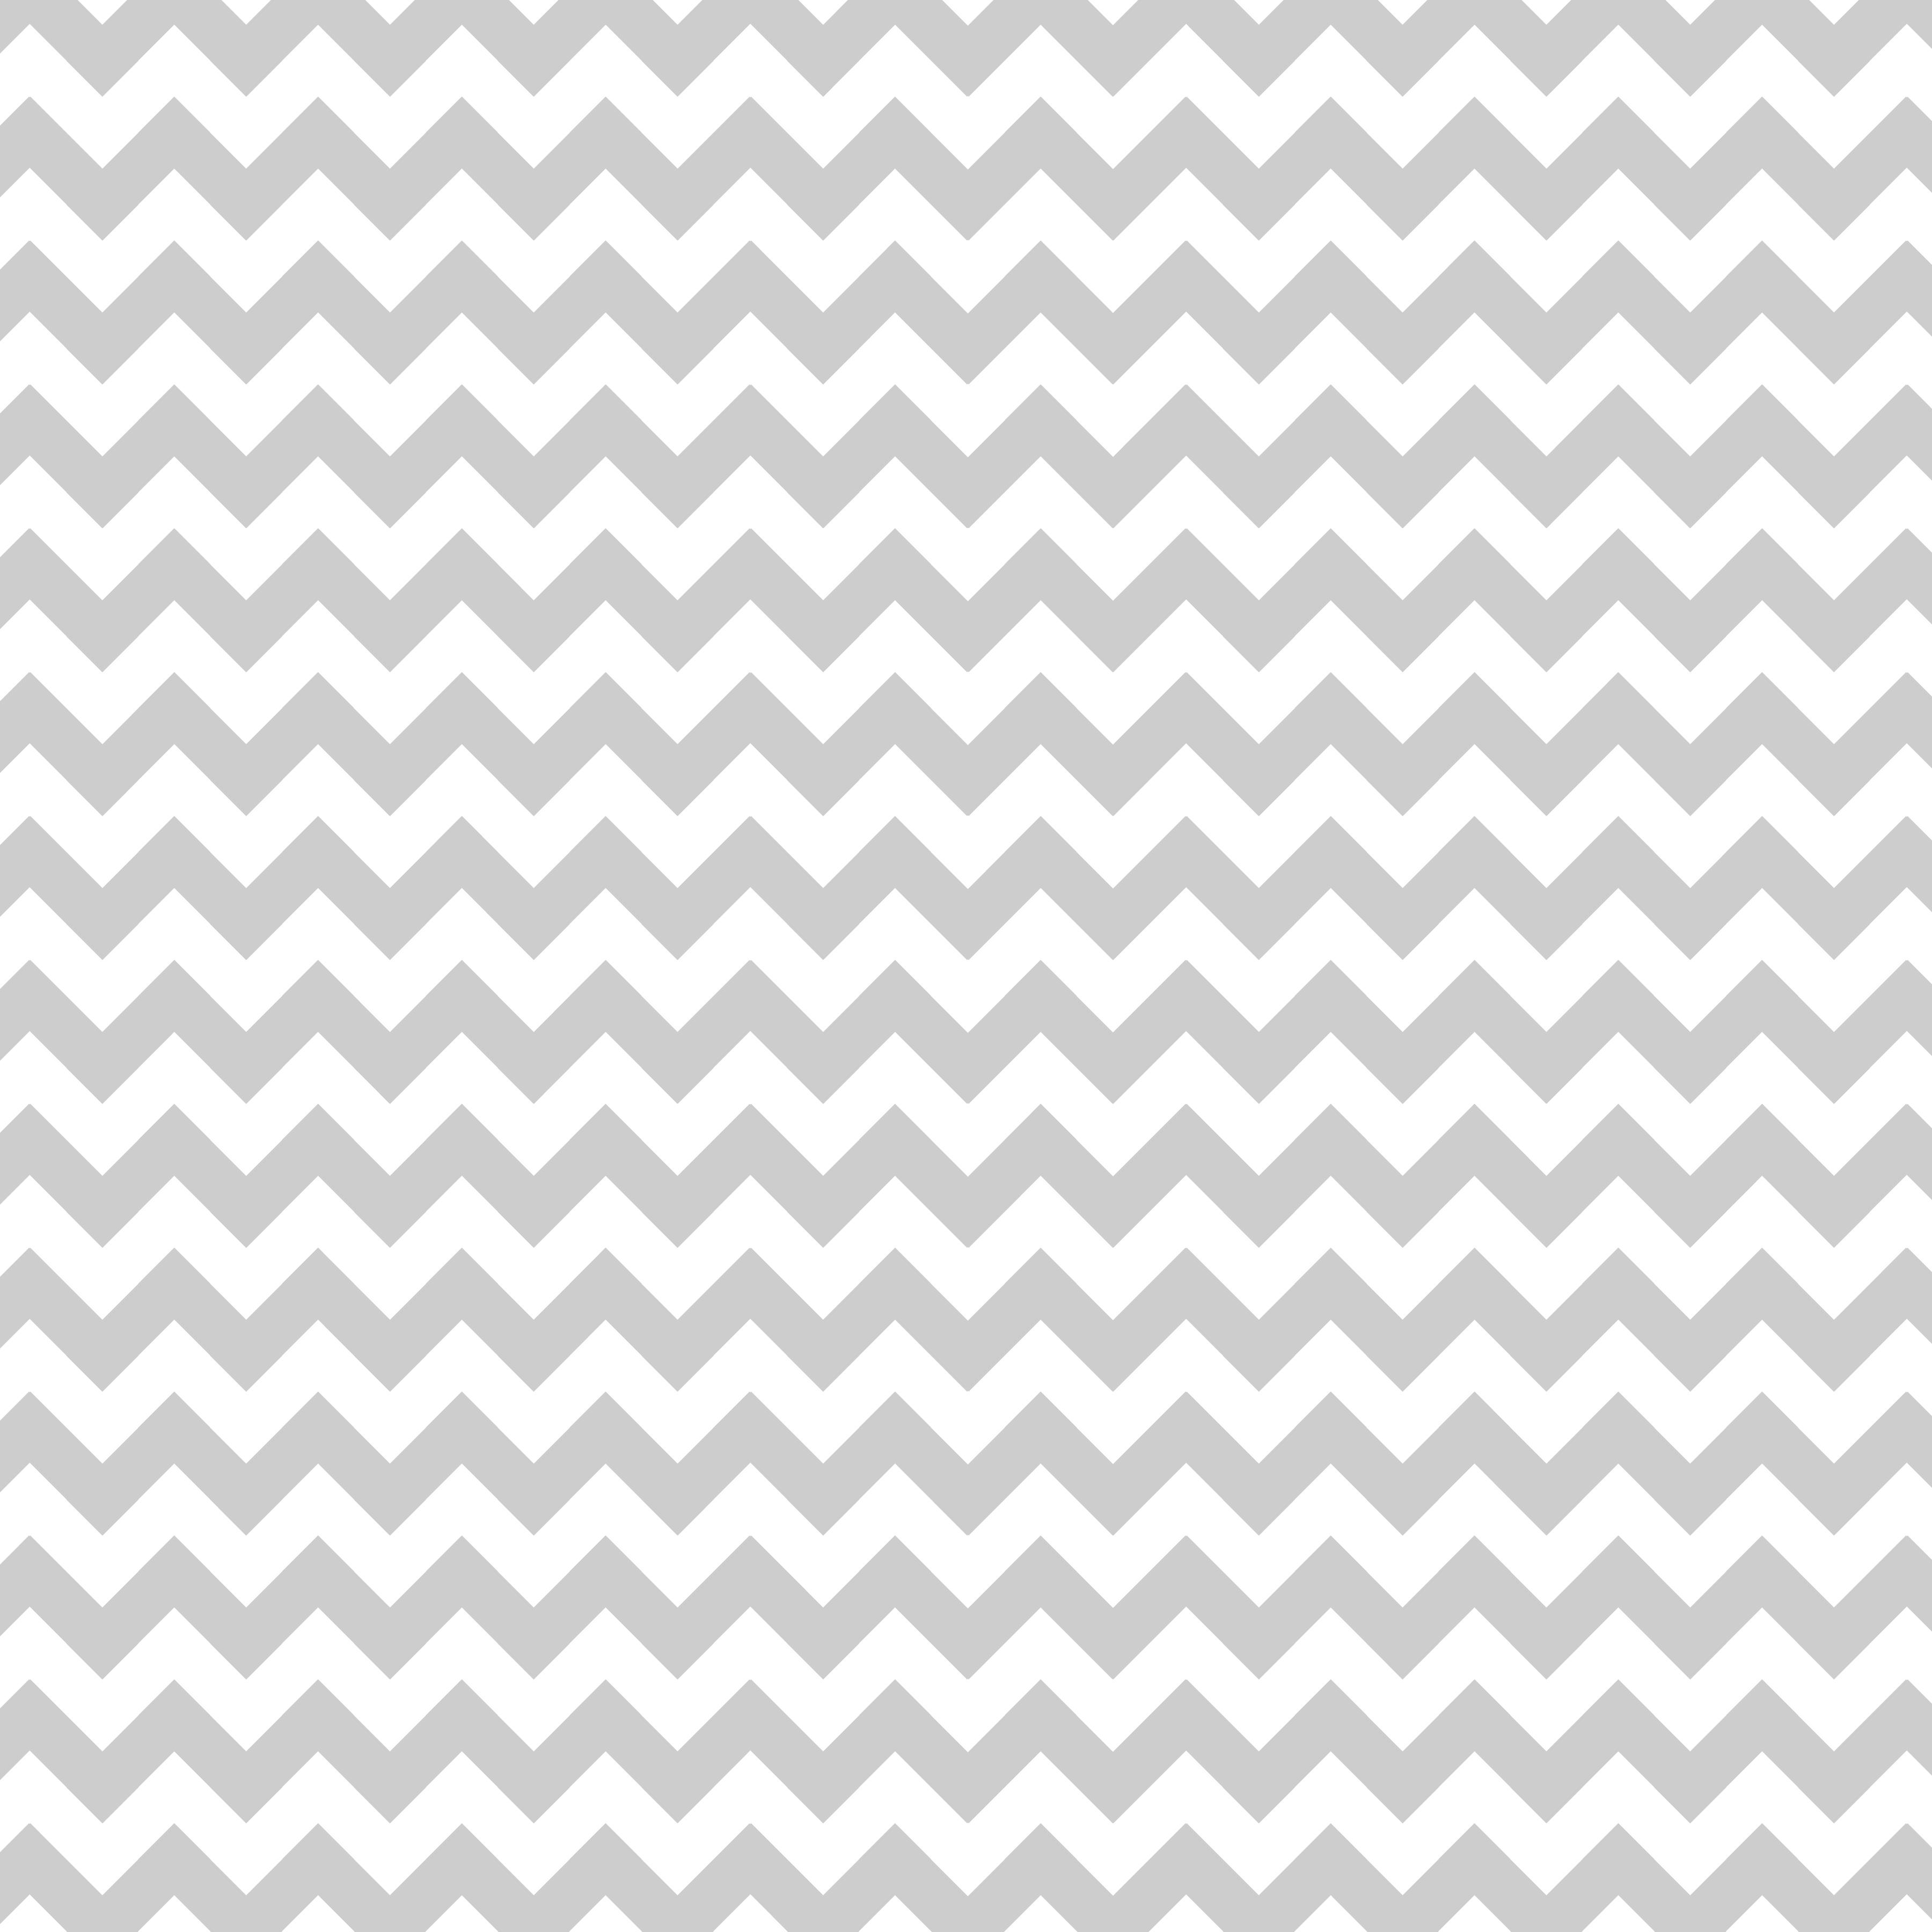 Grey and White Chevron 3600x3600